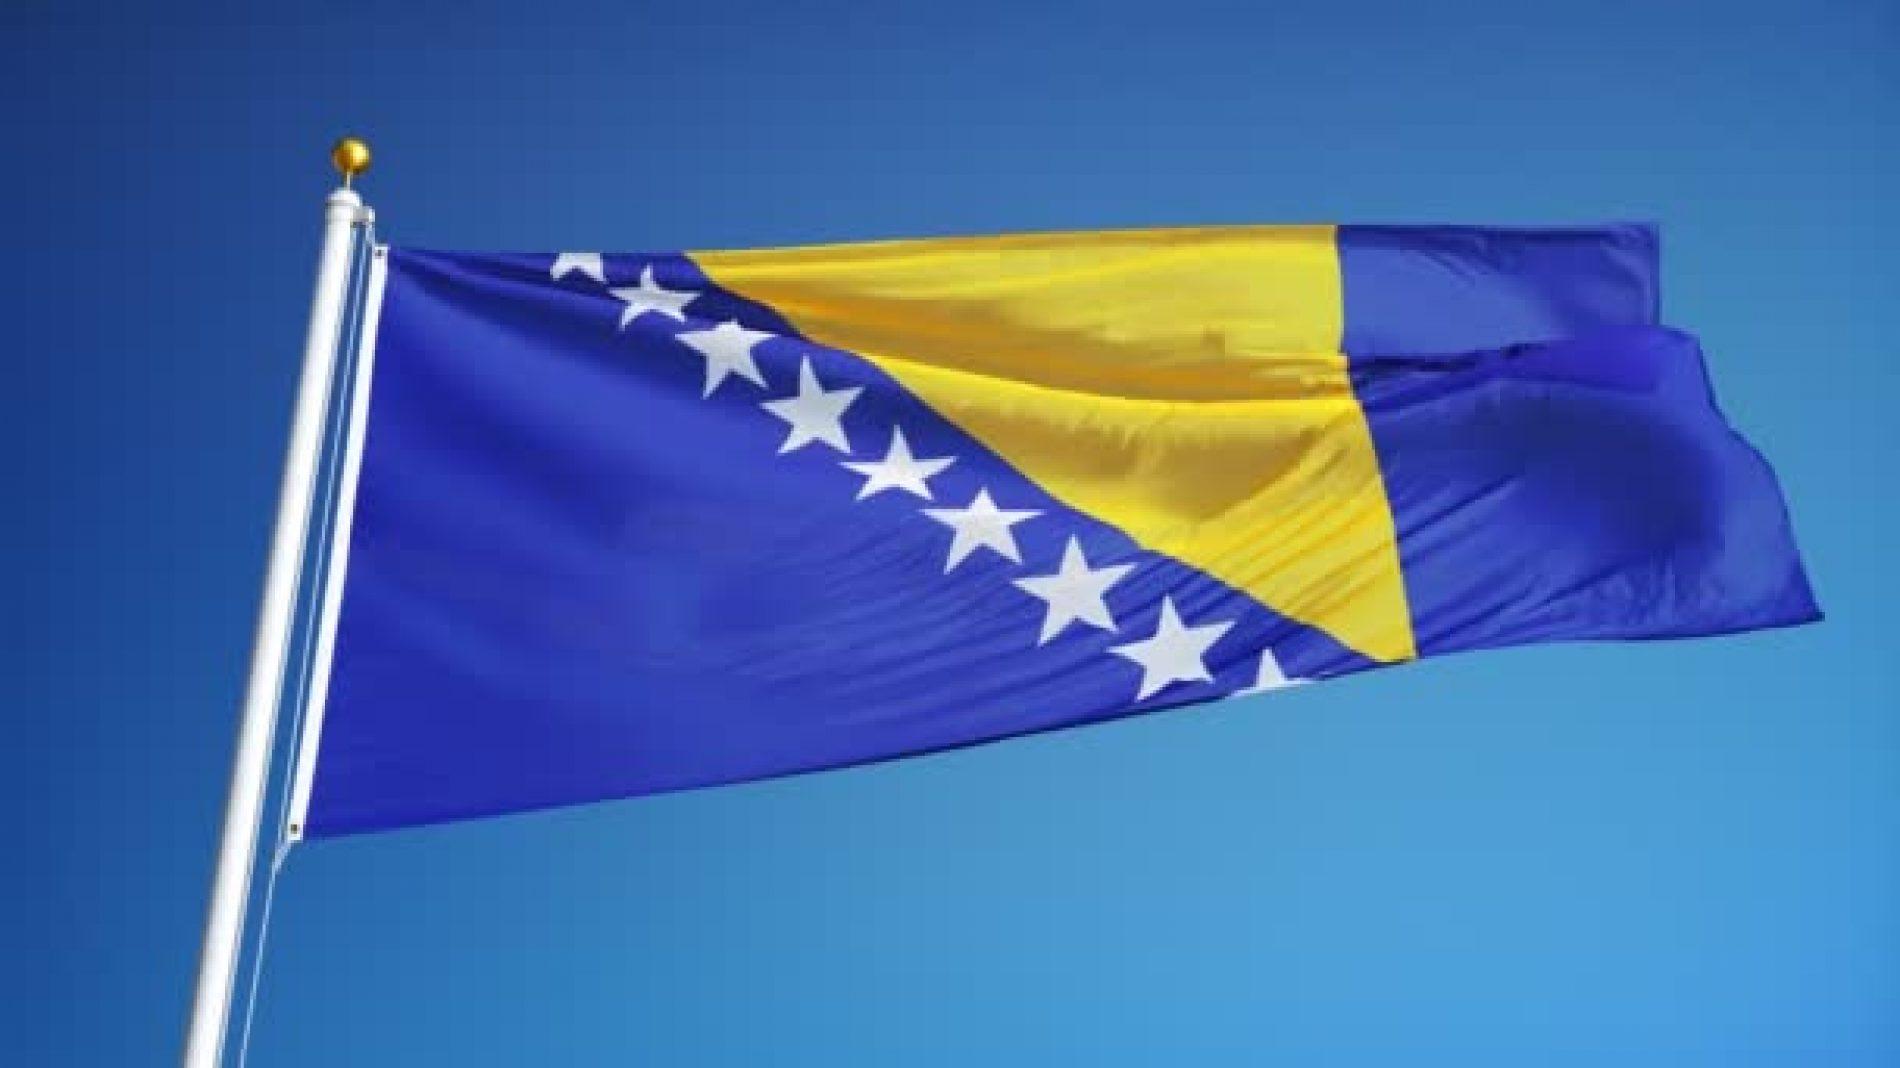 Bosna i Hercegovina otvara konzulate u Novom Pazaru i Rijeci